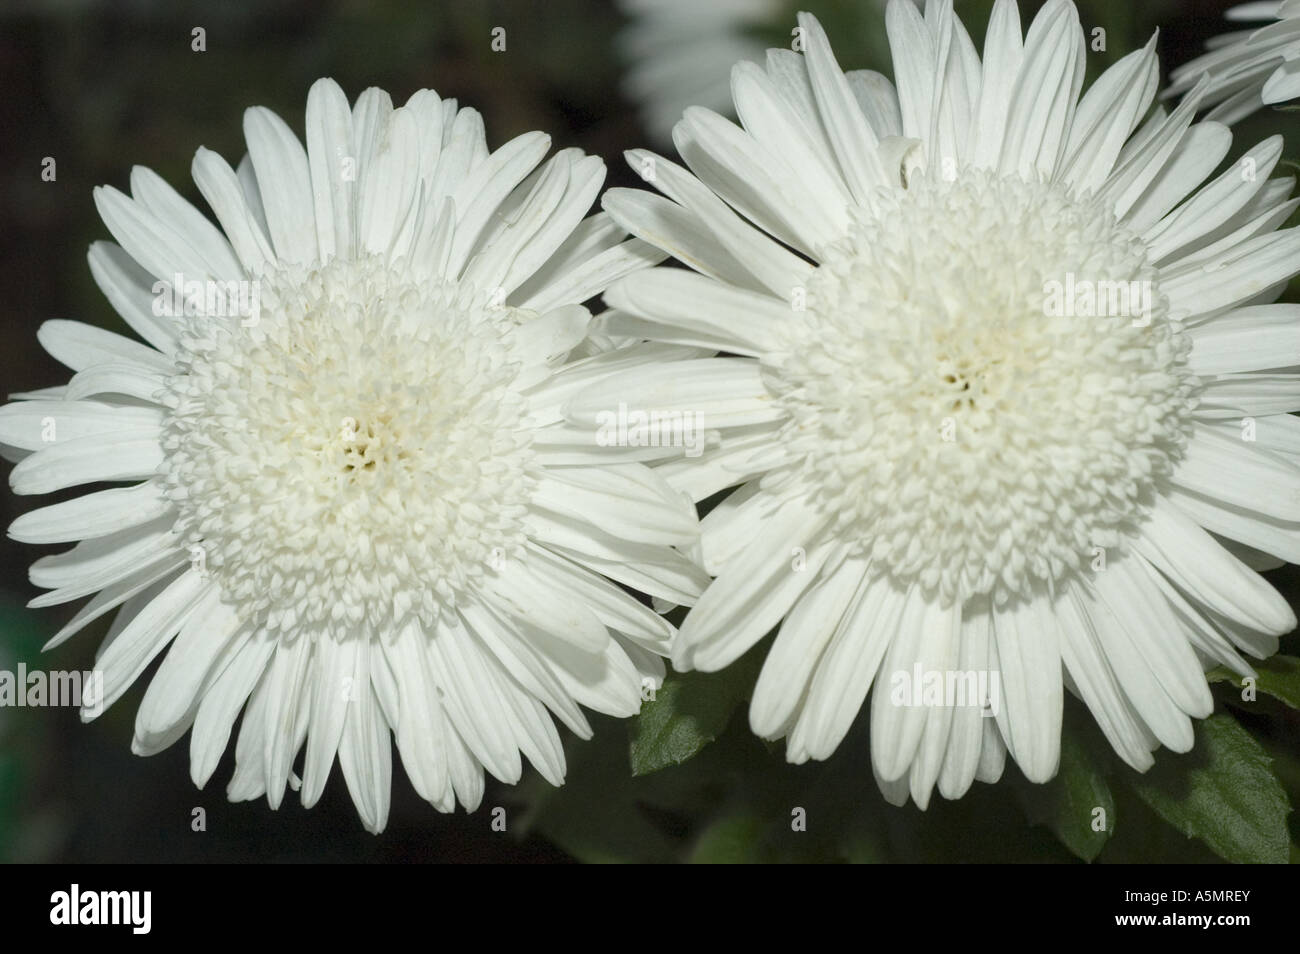 Pair Of White Chrysanthemum Flower Close Up Eleonora Stock Photo